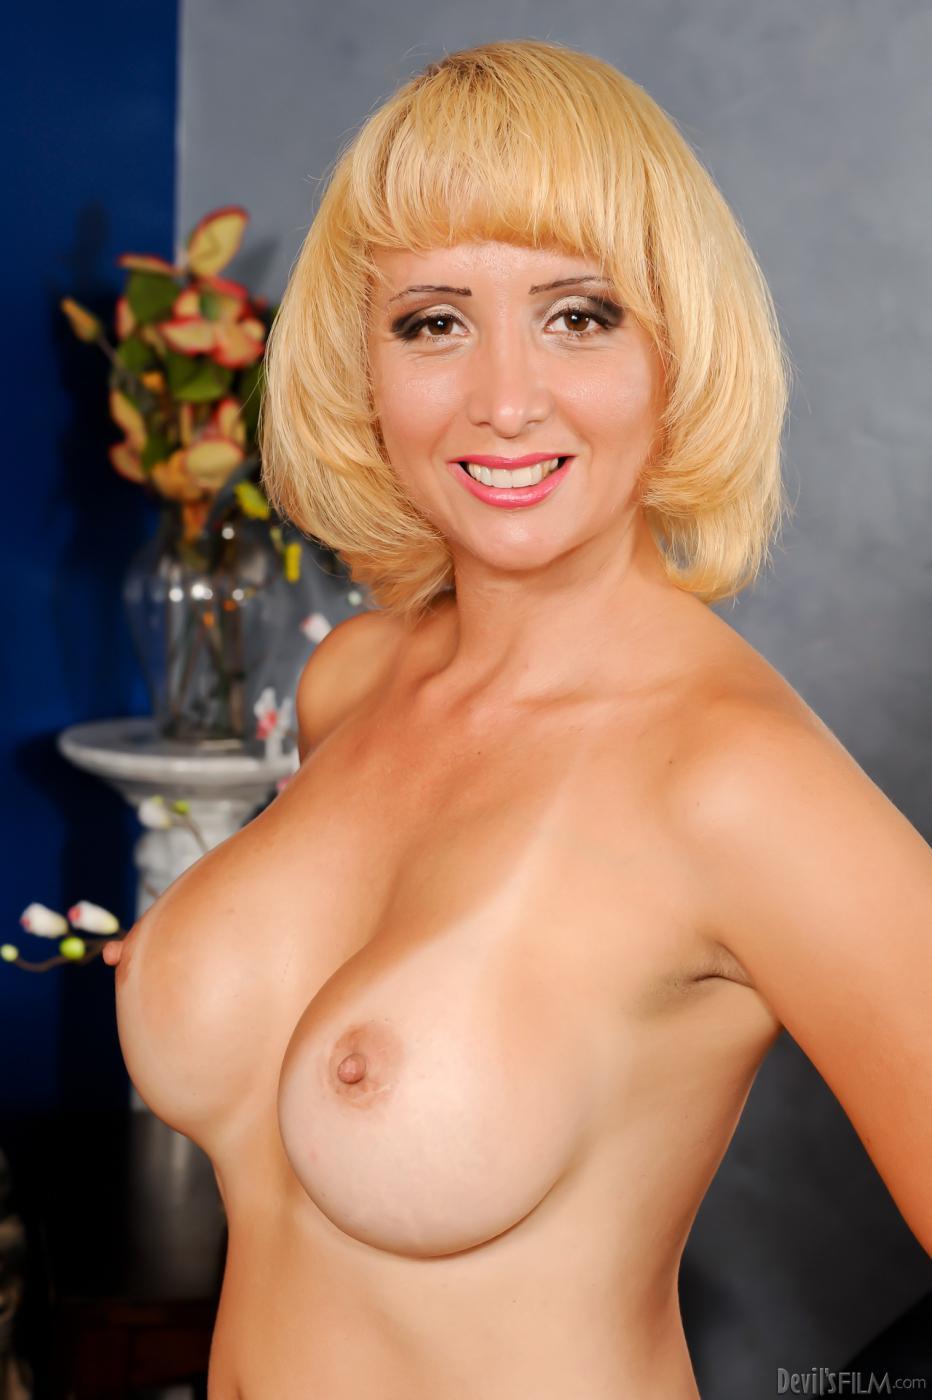 Шикарная светловолосая телка Sophia Mounds играет со своими красивыми и крупными буферами перед камерой